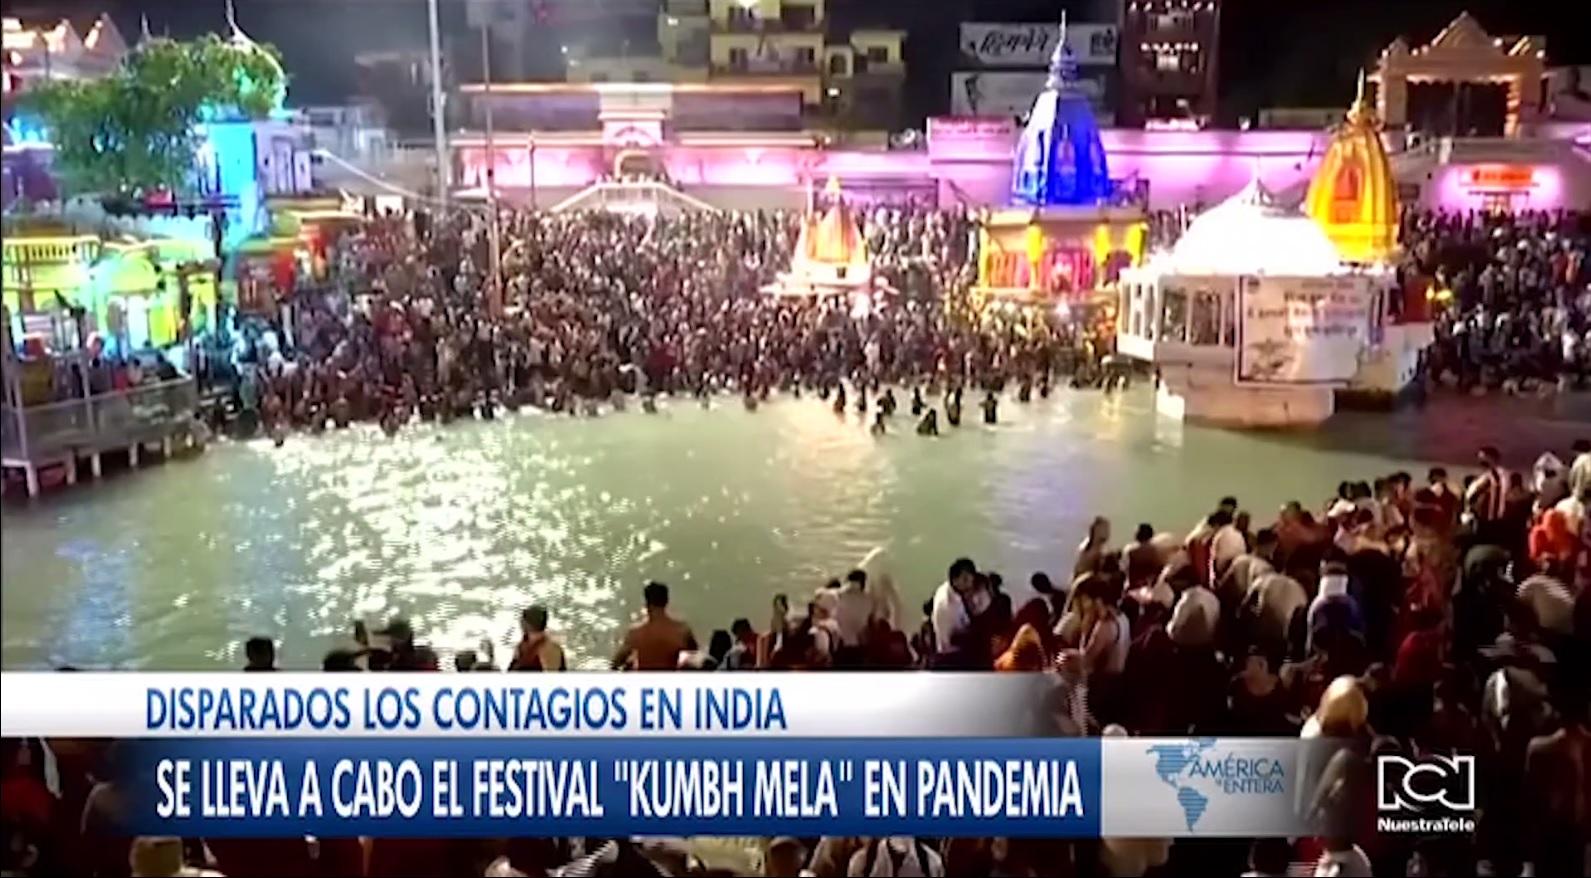 Cifras récord de Covid-19 en India no impidieron la realización del Festival Kumbh Mela